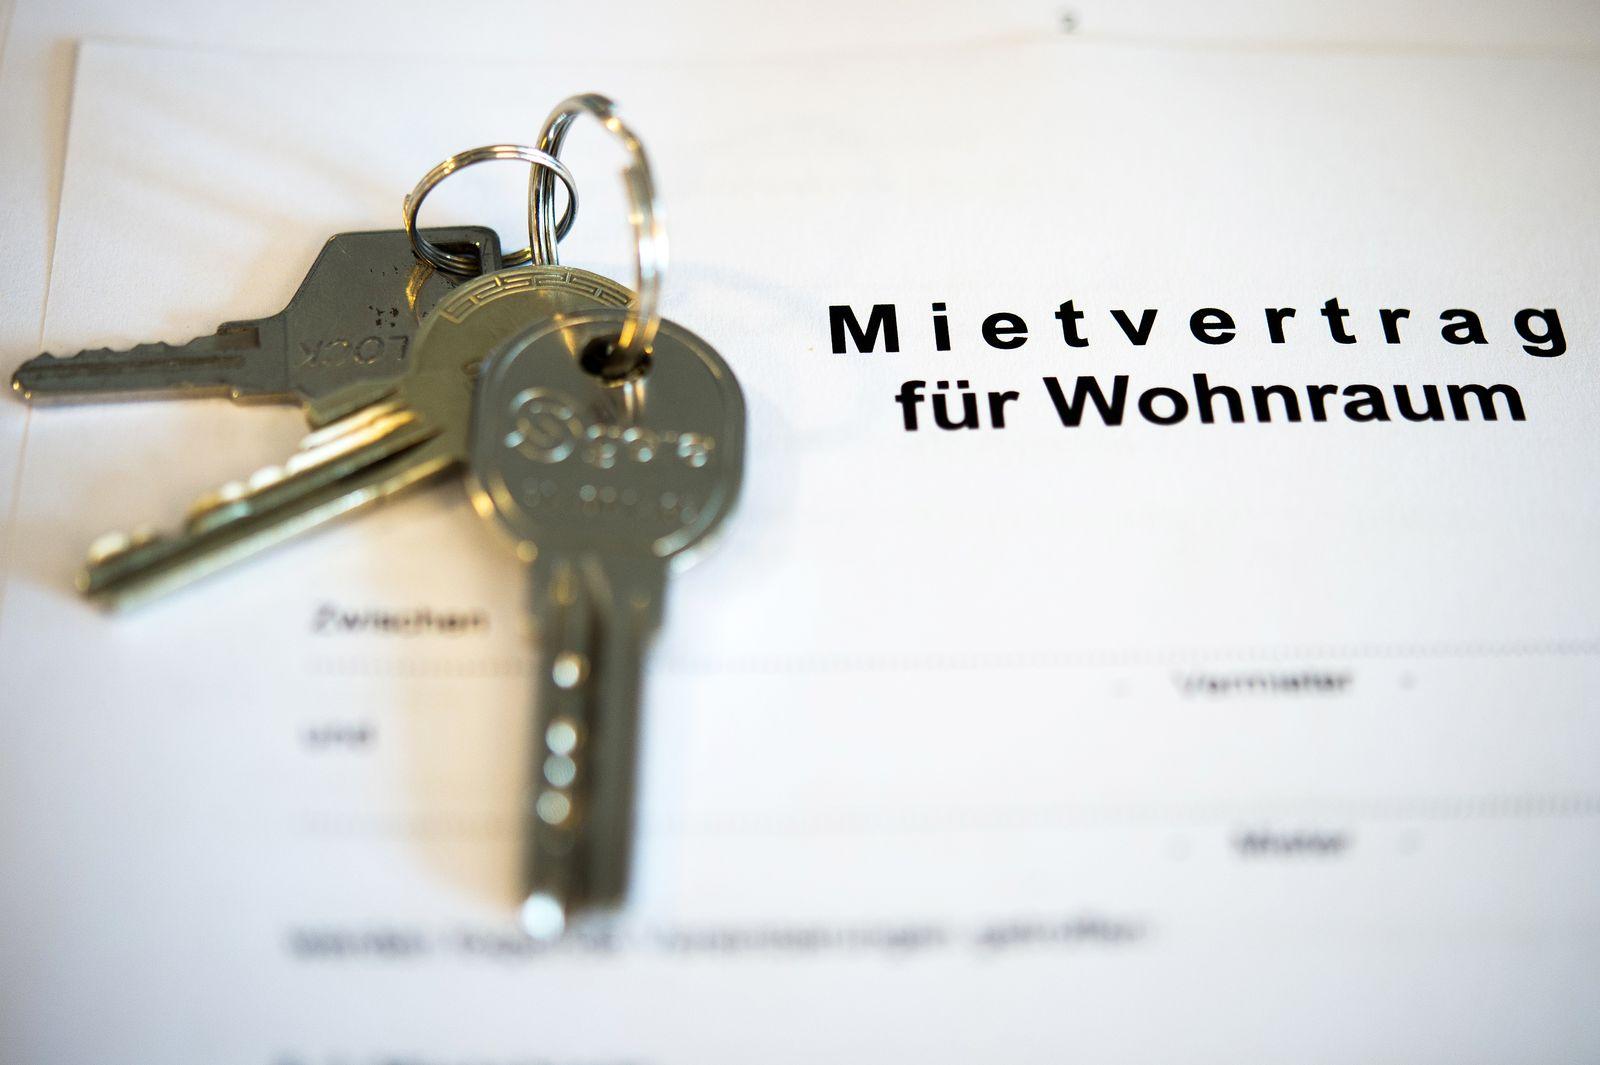 NICHT VERWENDEN Mietwohnung / Miete/ Mietvertrag / Makler